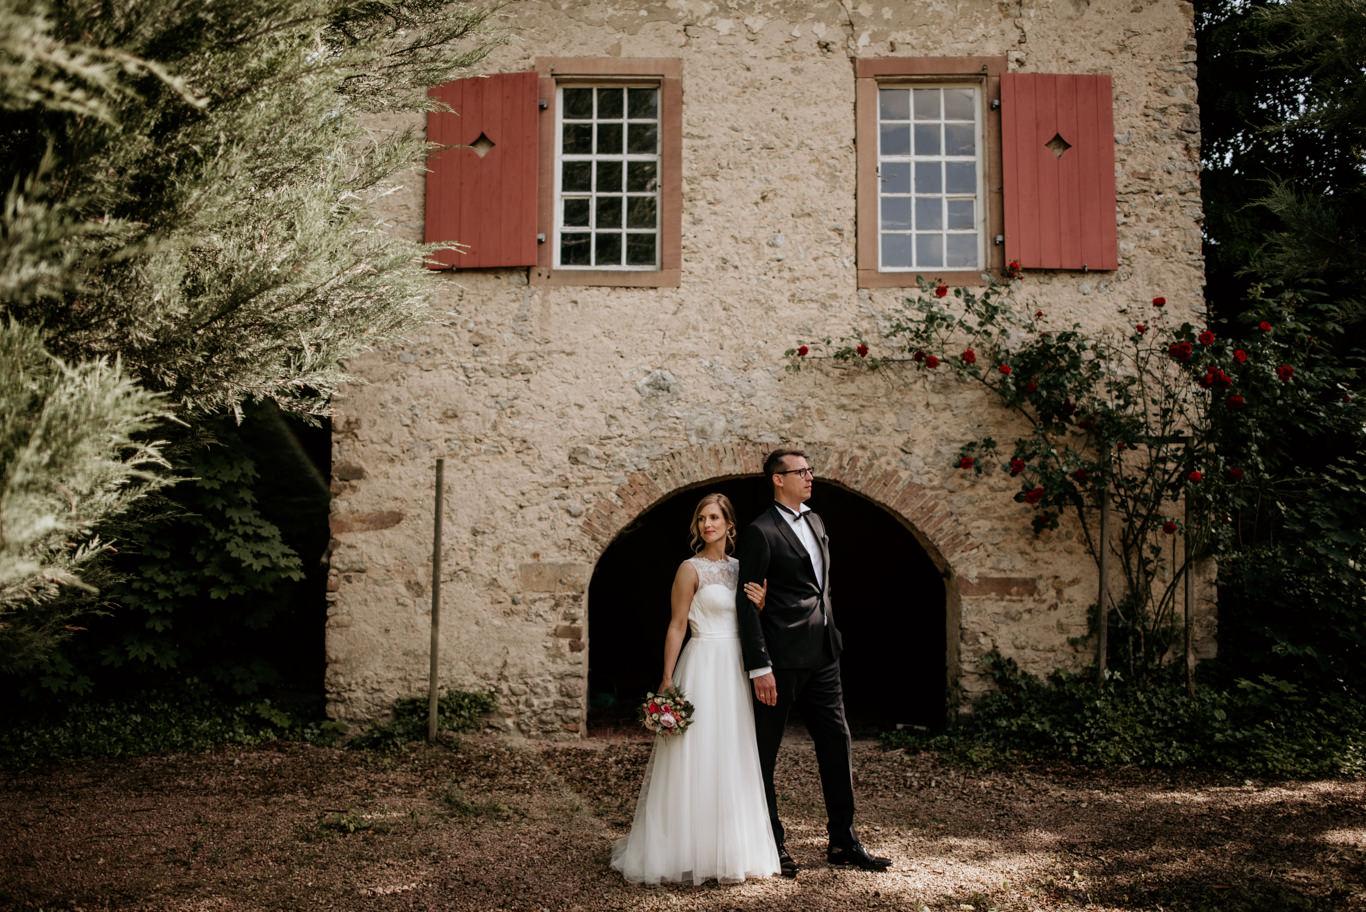 Hochzeitsfotograf Mannheim Schlossgut Lüll Wachenheim Hochzeit Fotograf freie Trauung Brautpaarshooting